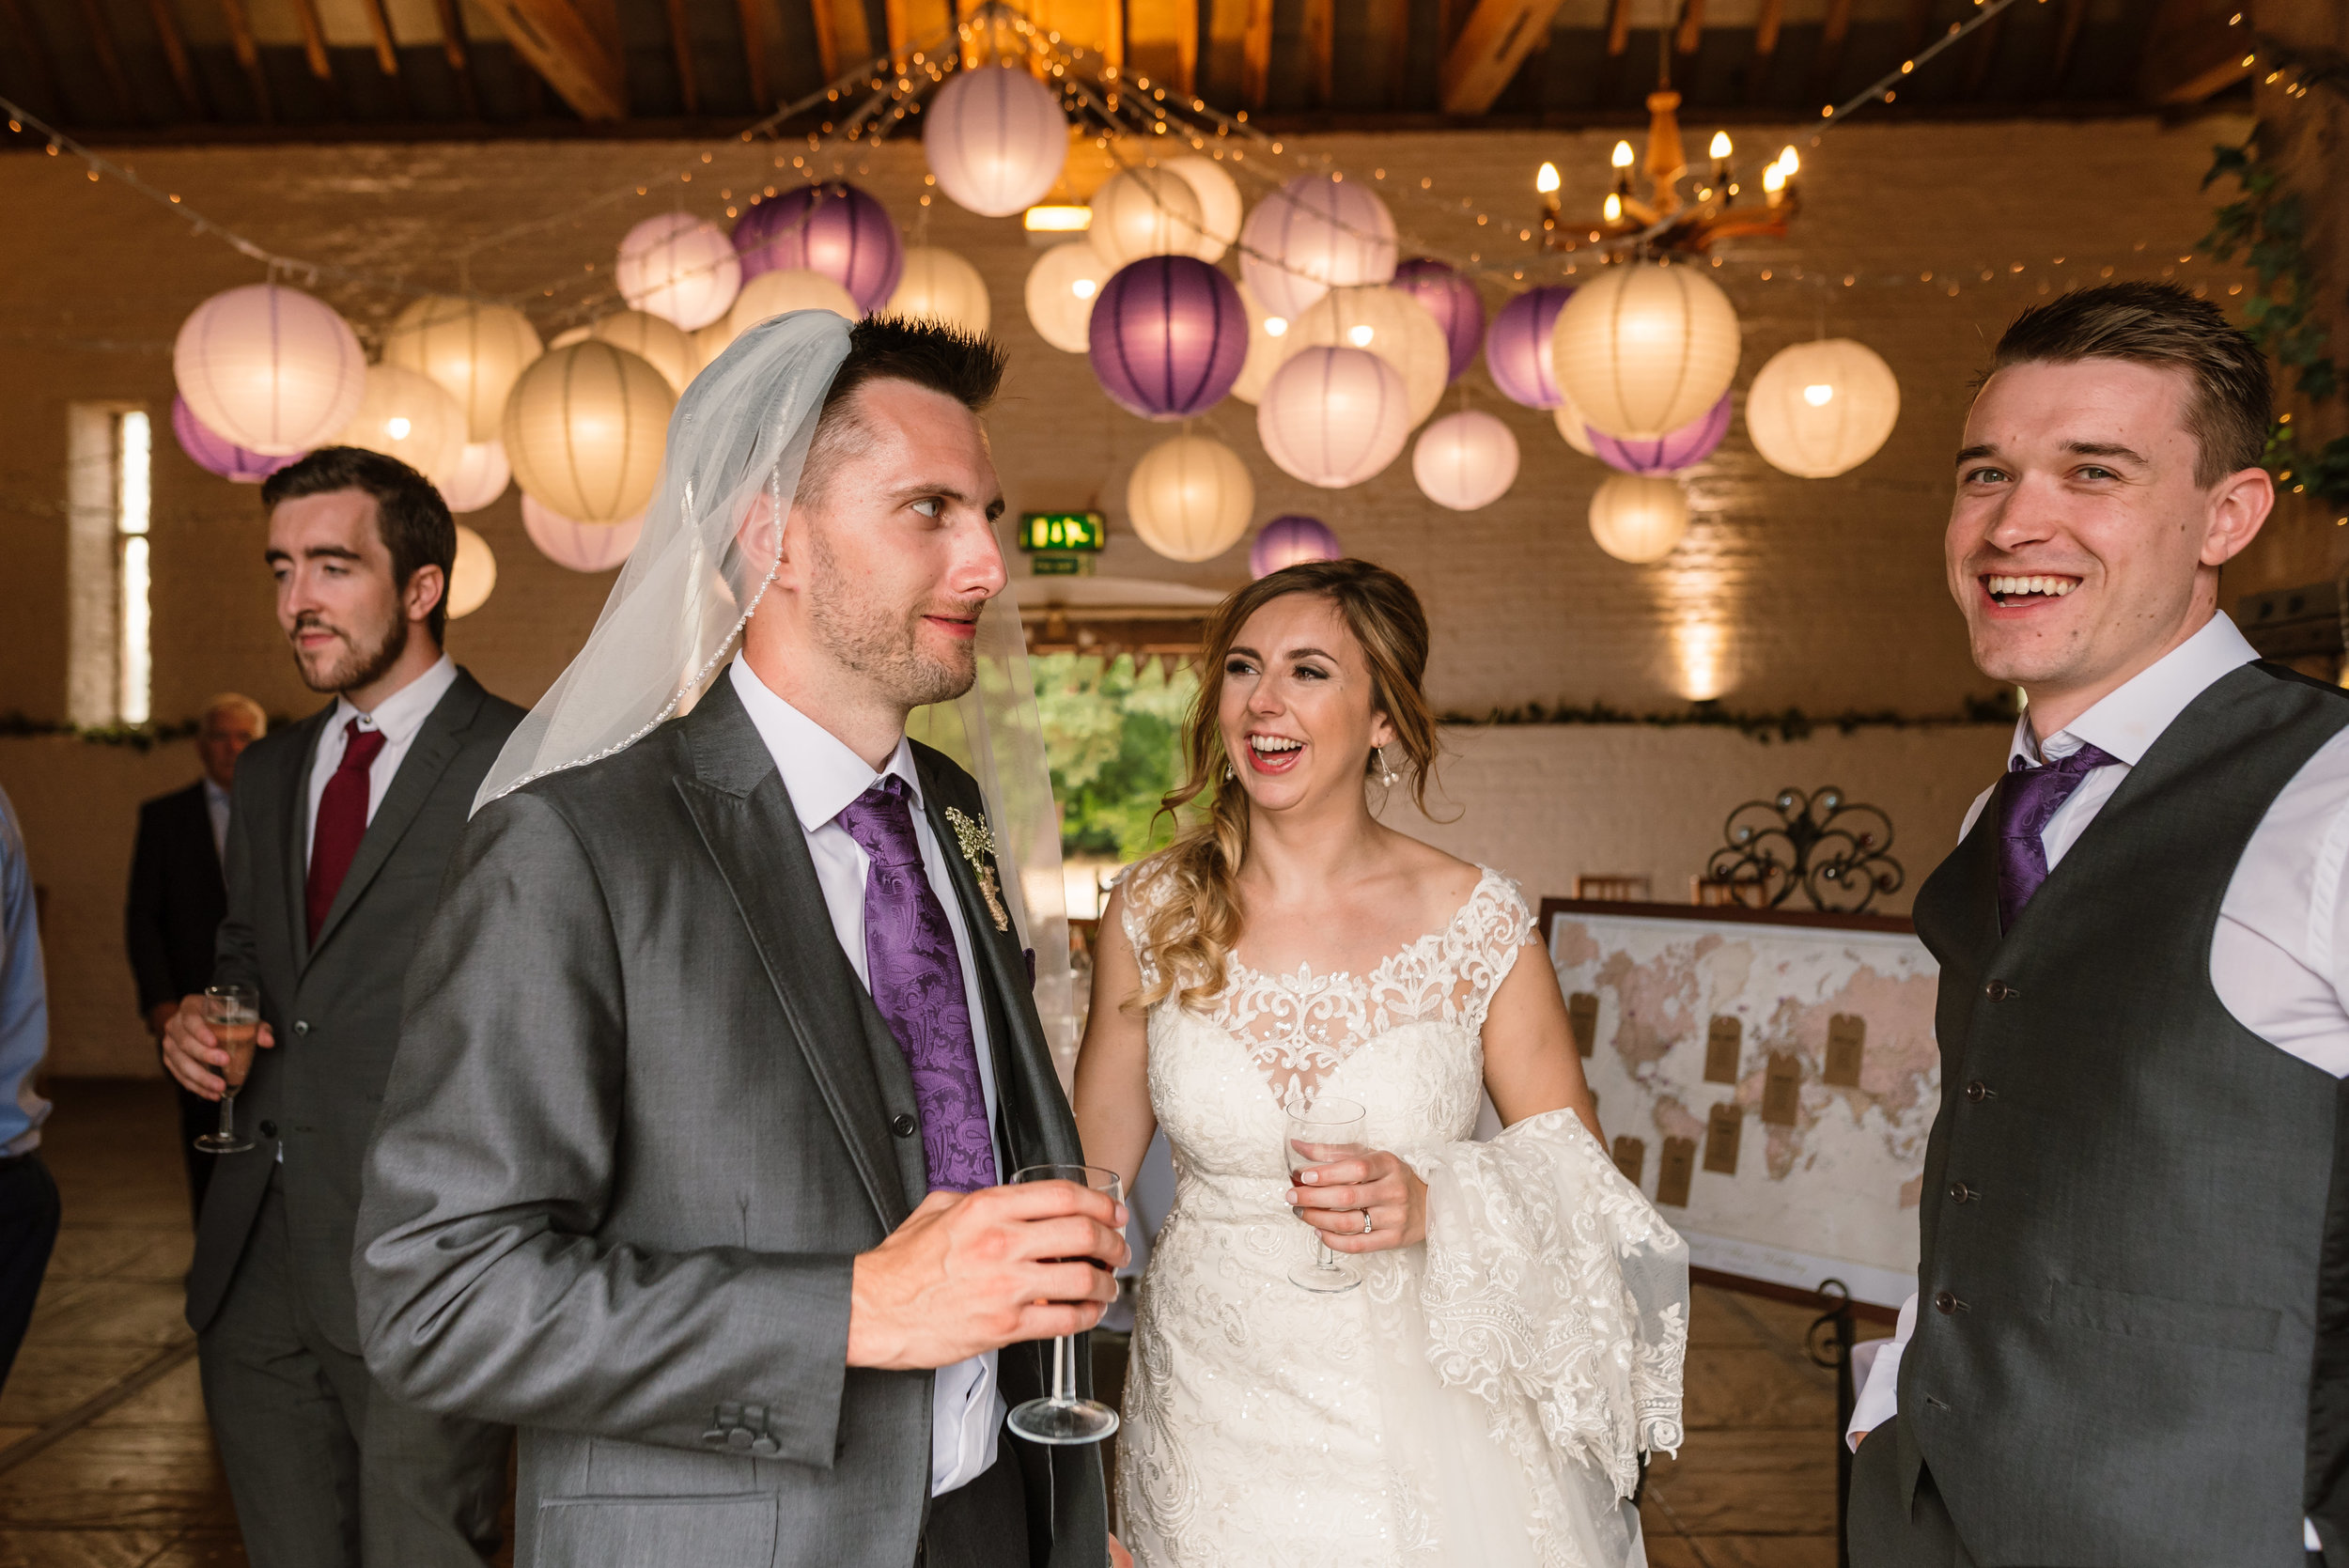 Hampshire Wedding Photographer Hampshire : Ufton-Court-Wedding : Barn-wedding-venue-hampshire : sarah-fishlock-photography : hampshire-barn-wedding-977.jpg